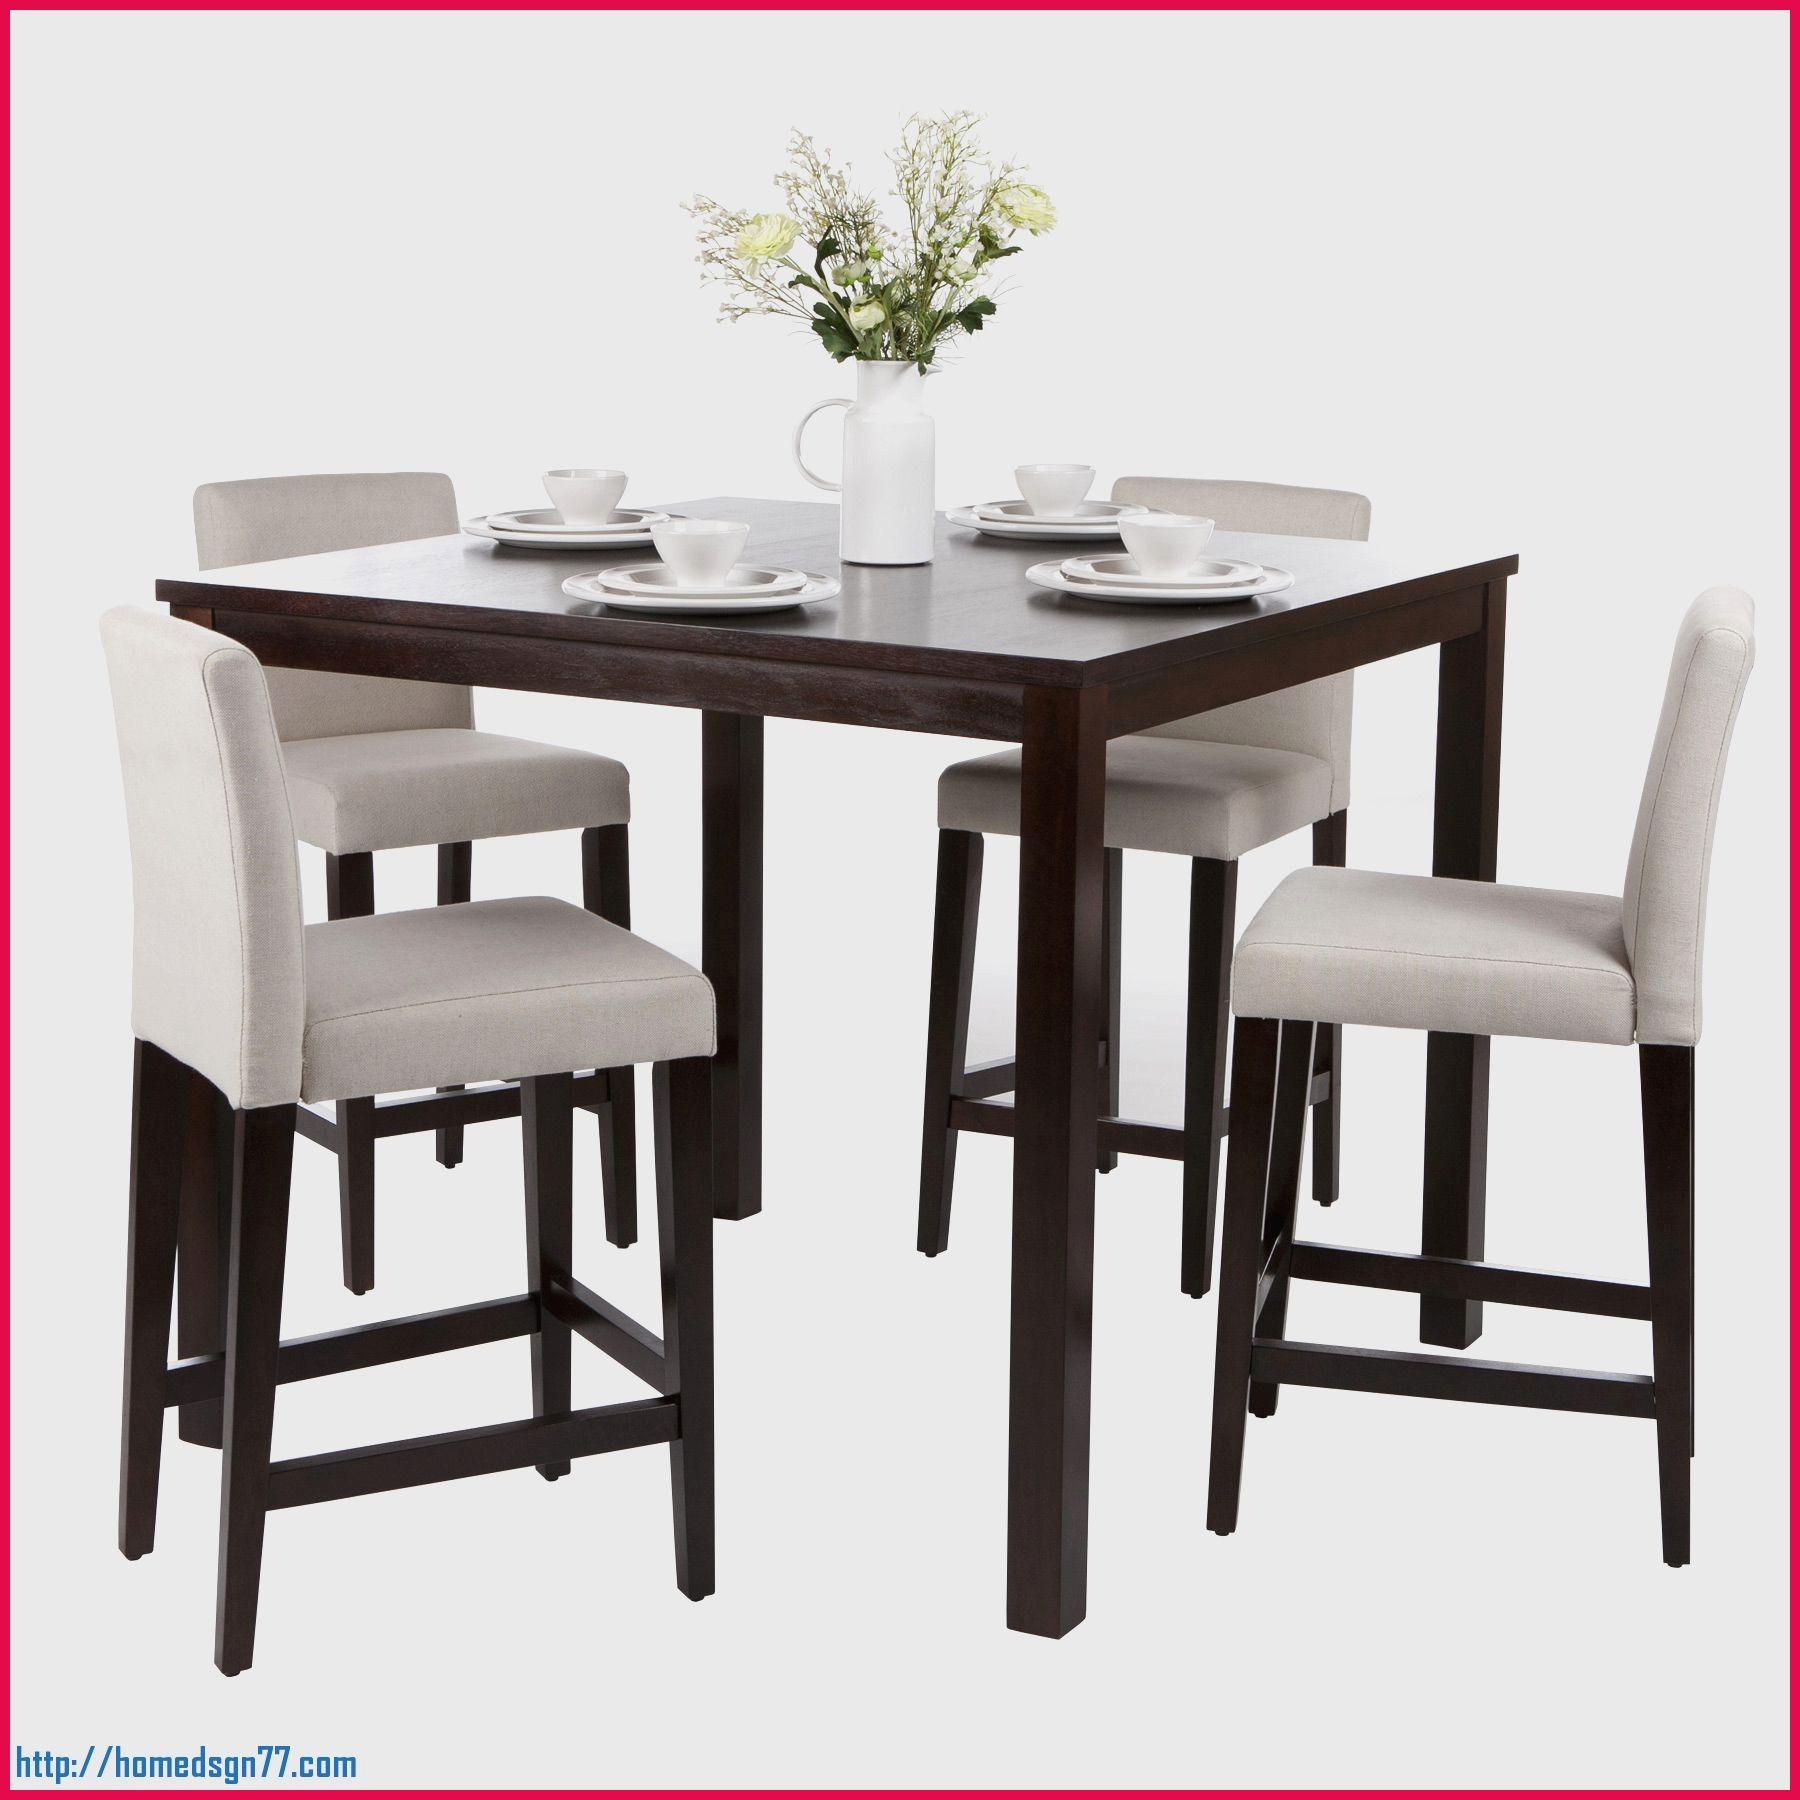 Table Et Tabouret De Bar Ikea Idée Pour La Maison Et Cuisine